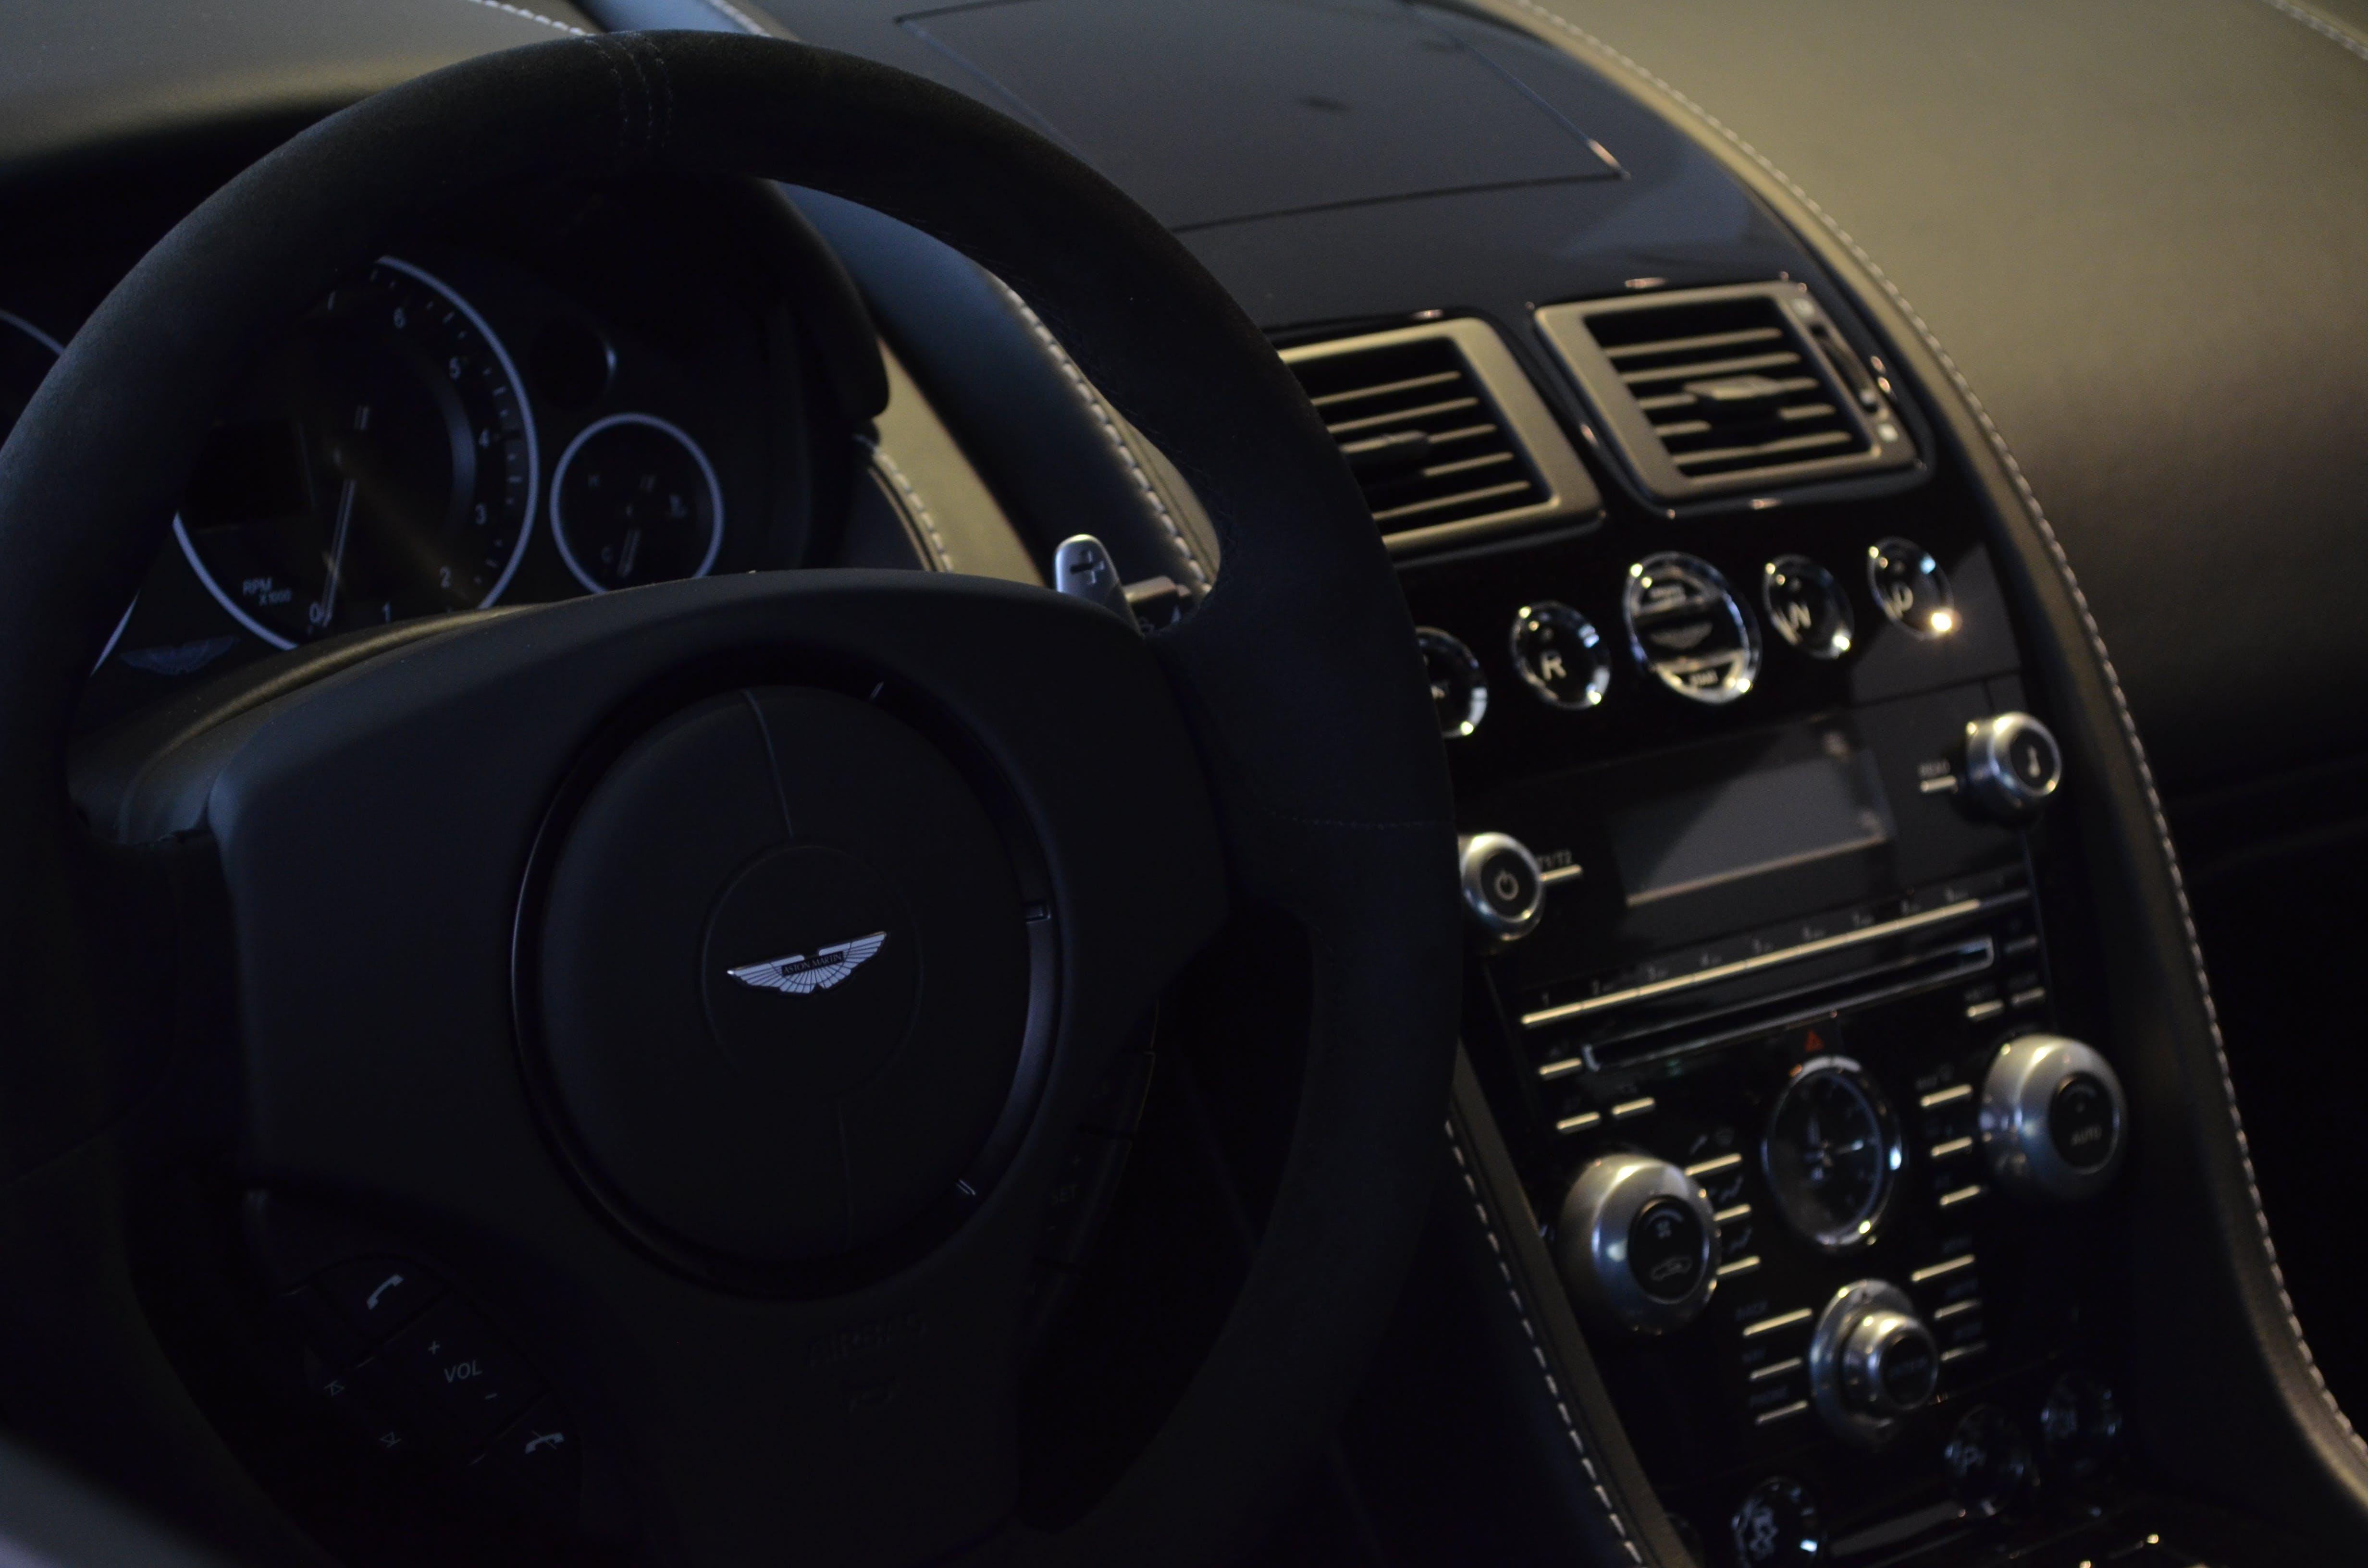 Δωρεάν στοκ φωτογραφιών με aston martin, αυτοκίνητο, εσωτερικό